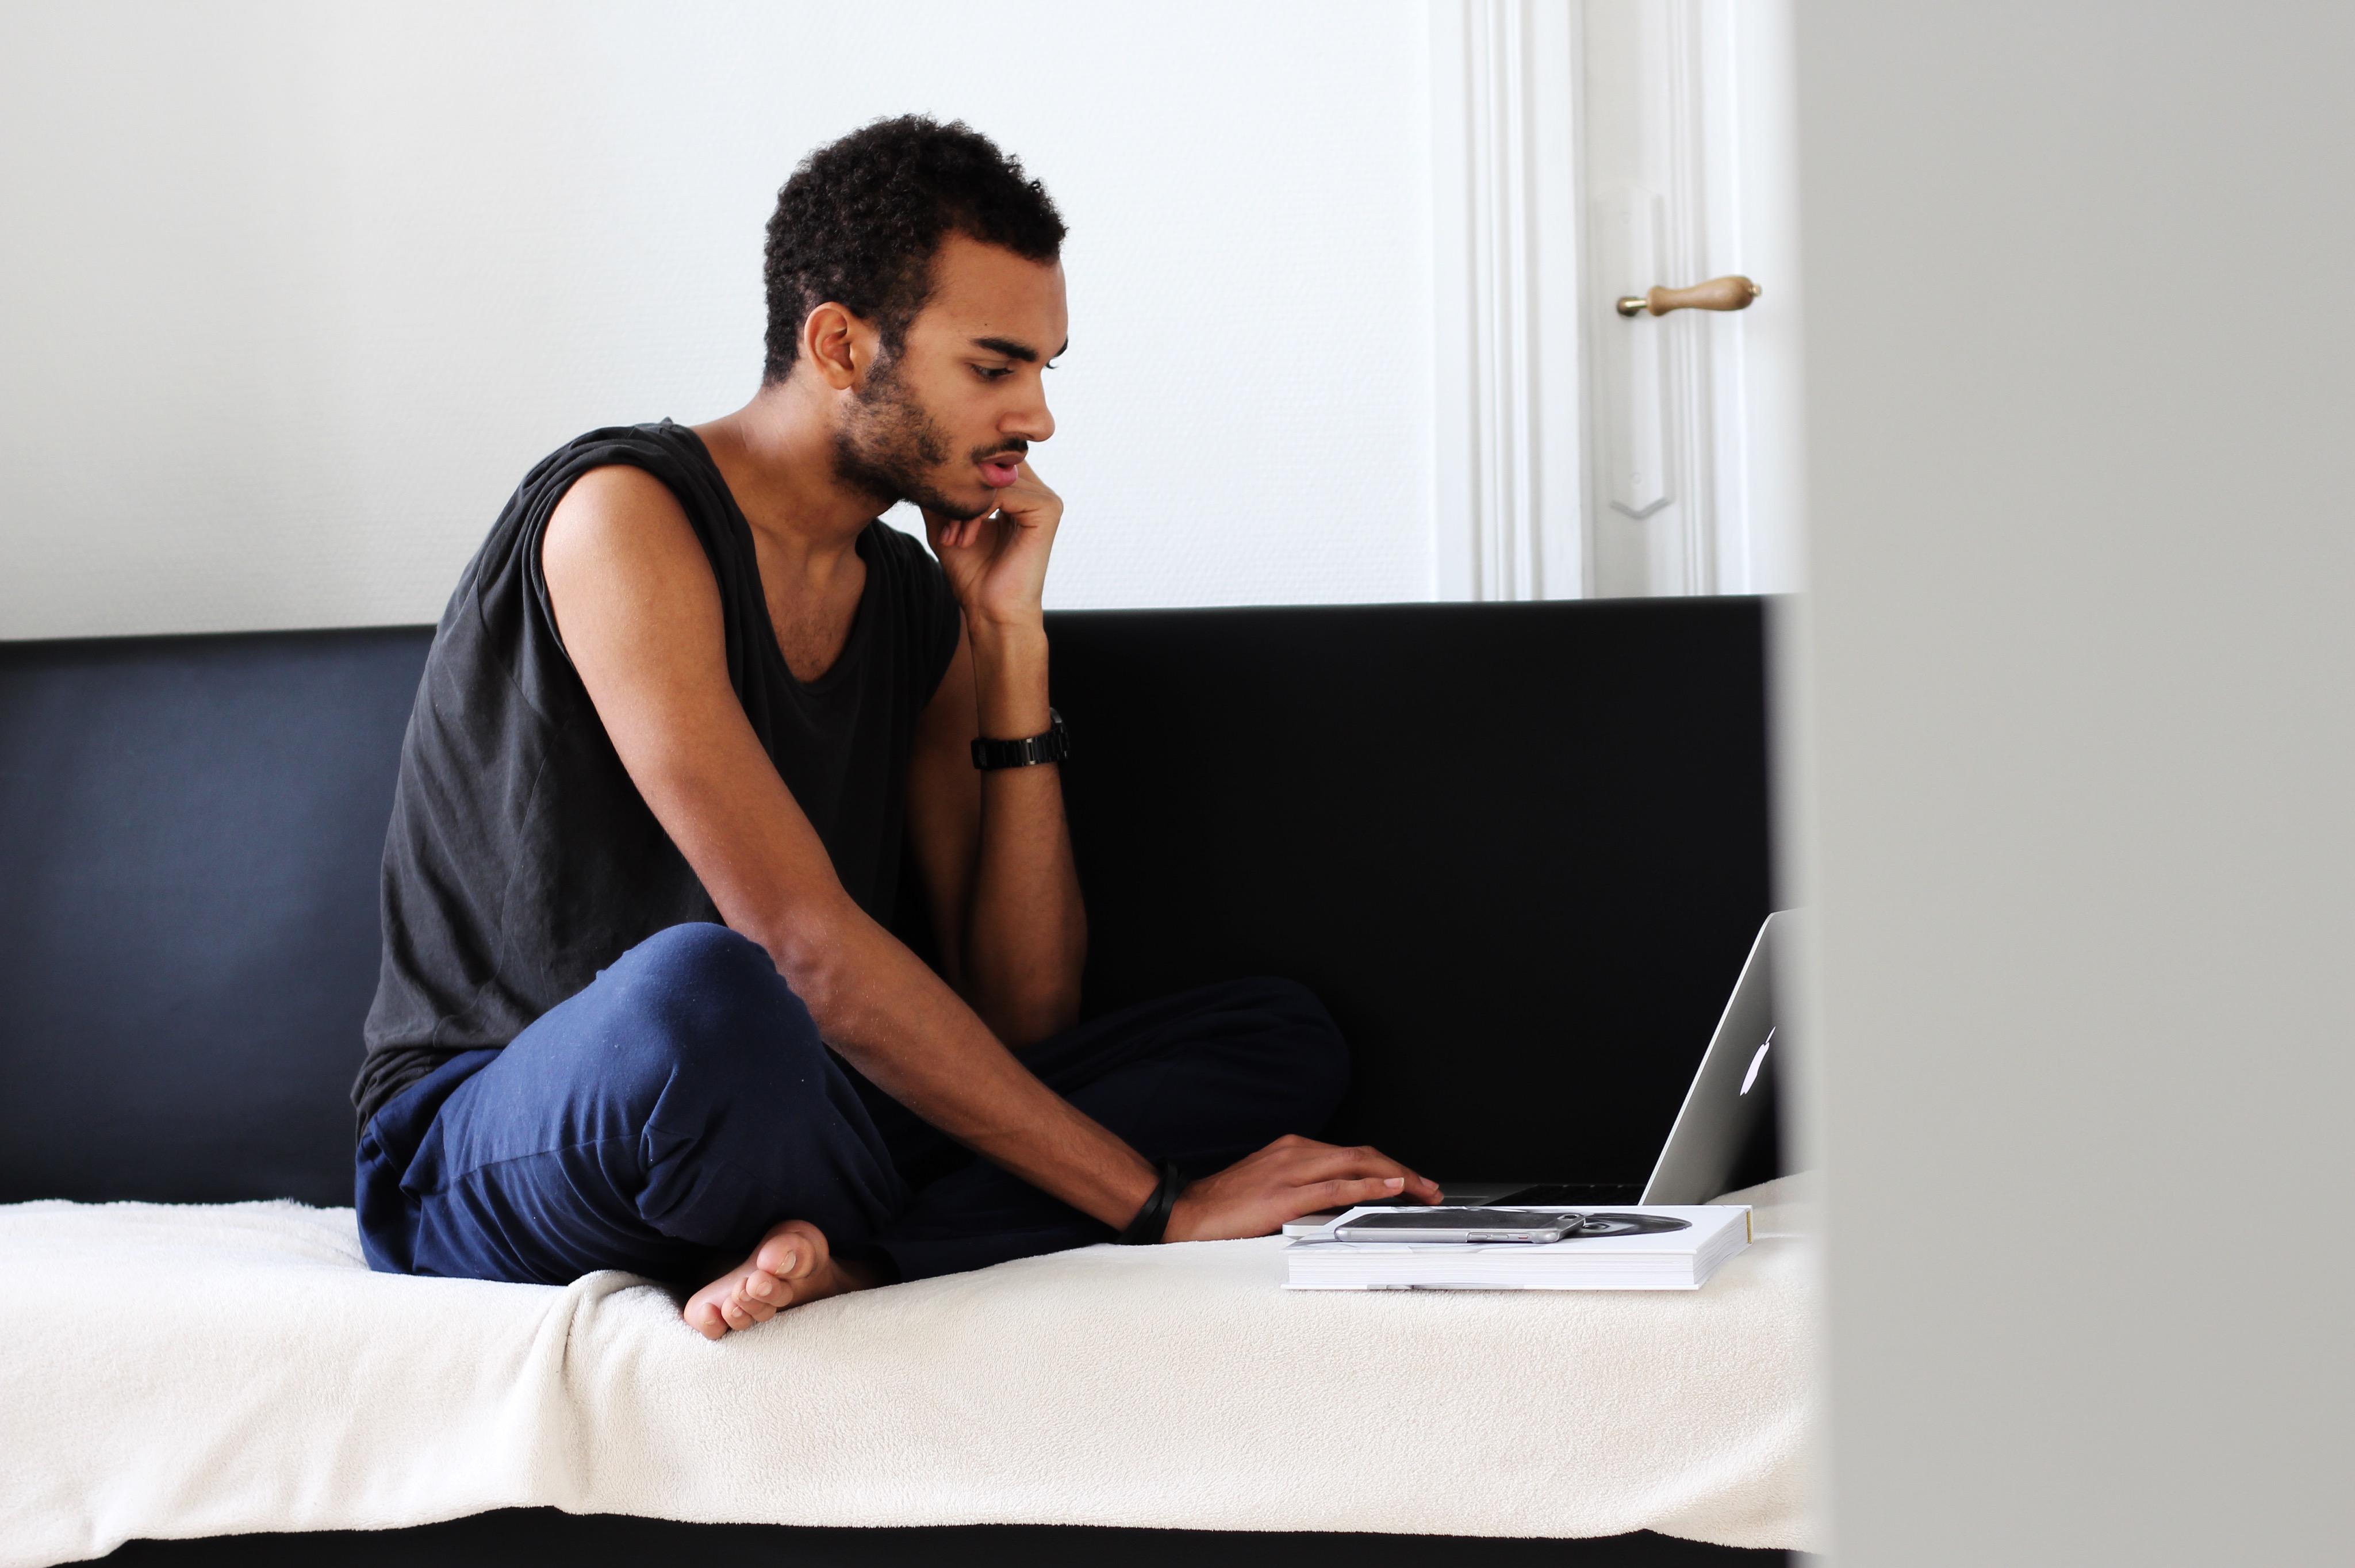 calvin-klein-pants-pyjaman-homme-man-men-mrfoures-blogger-influencer-digital-blogueur-homme-blog-mode-homme-american-vintage